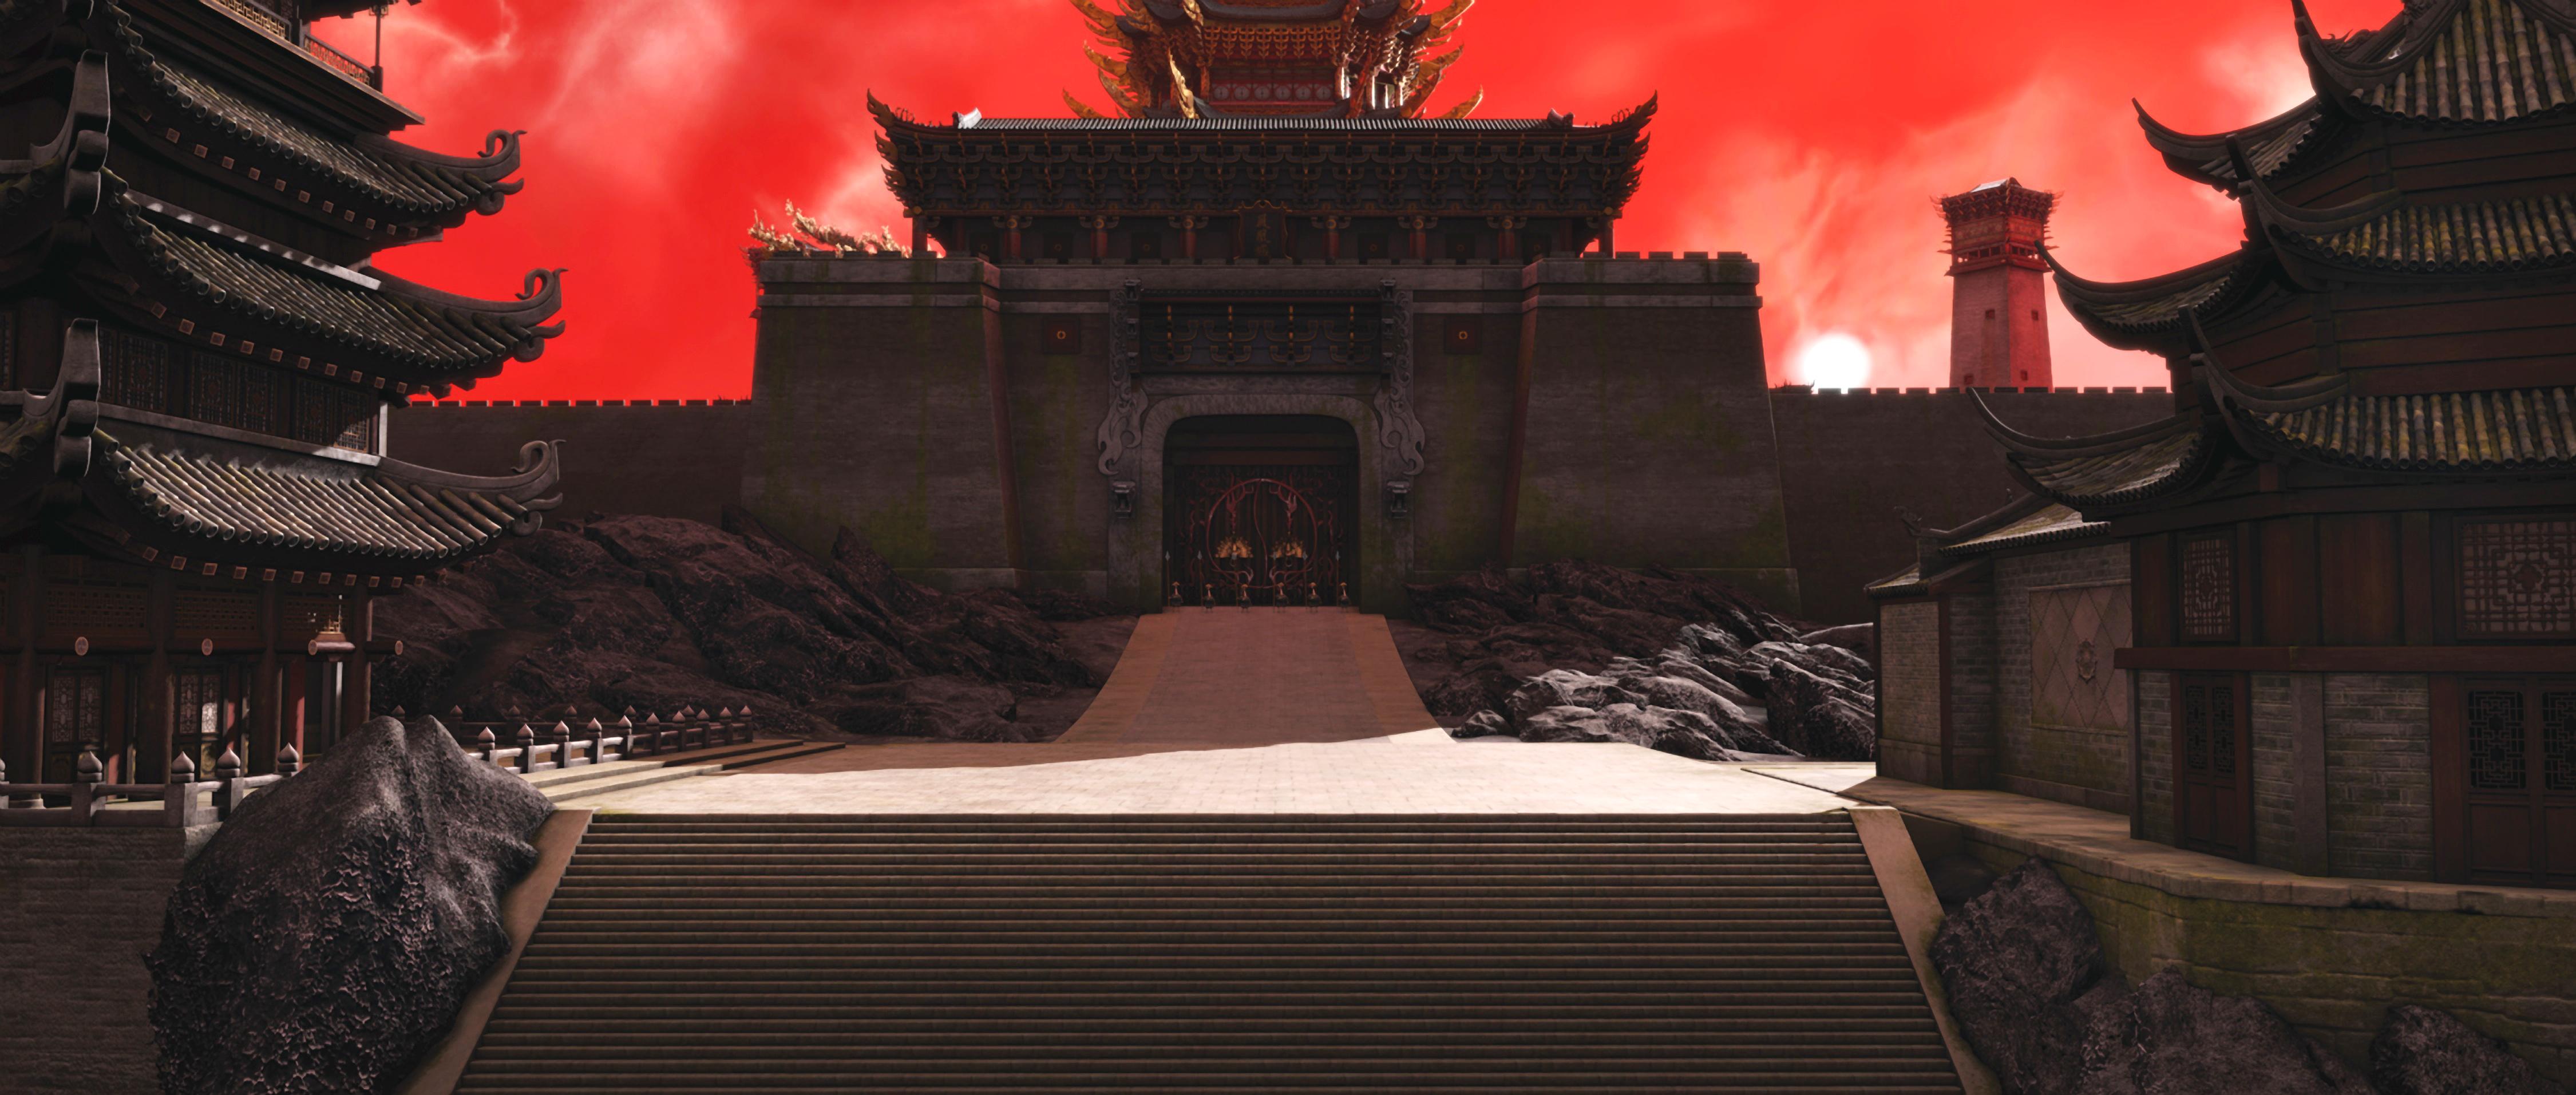 Invasion of Gongmen City